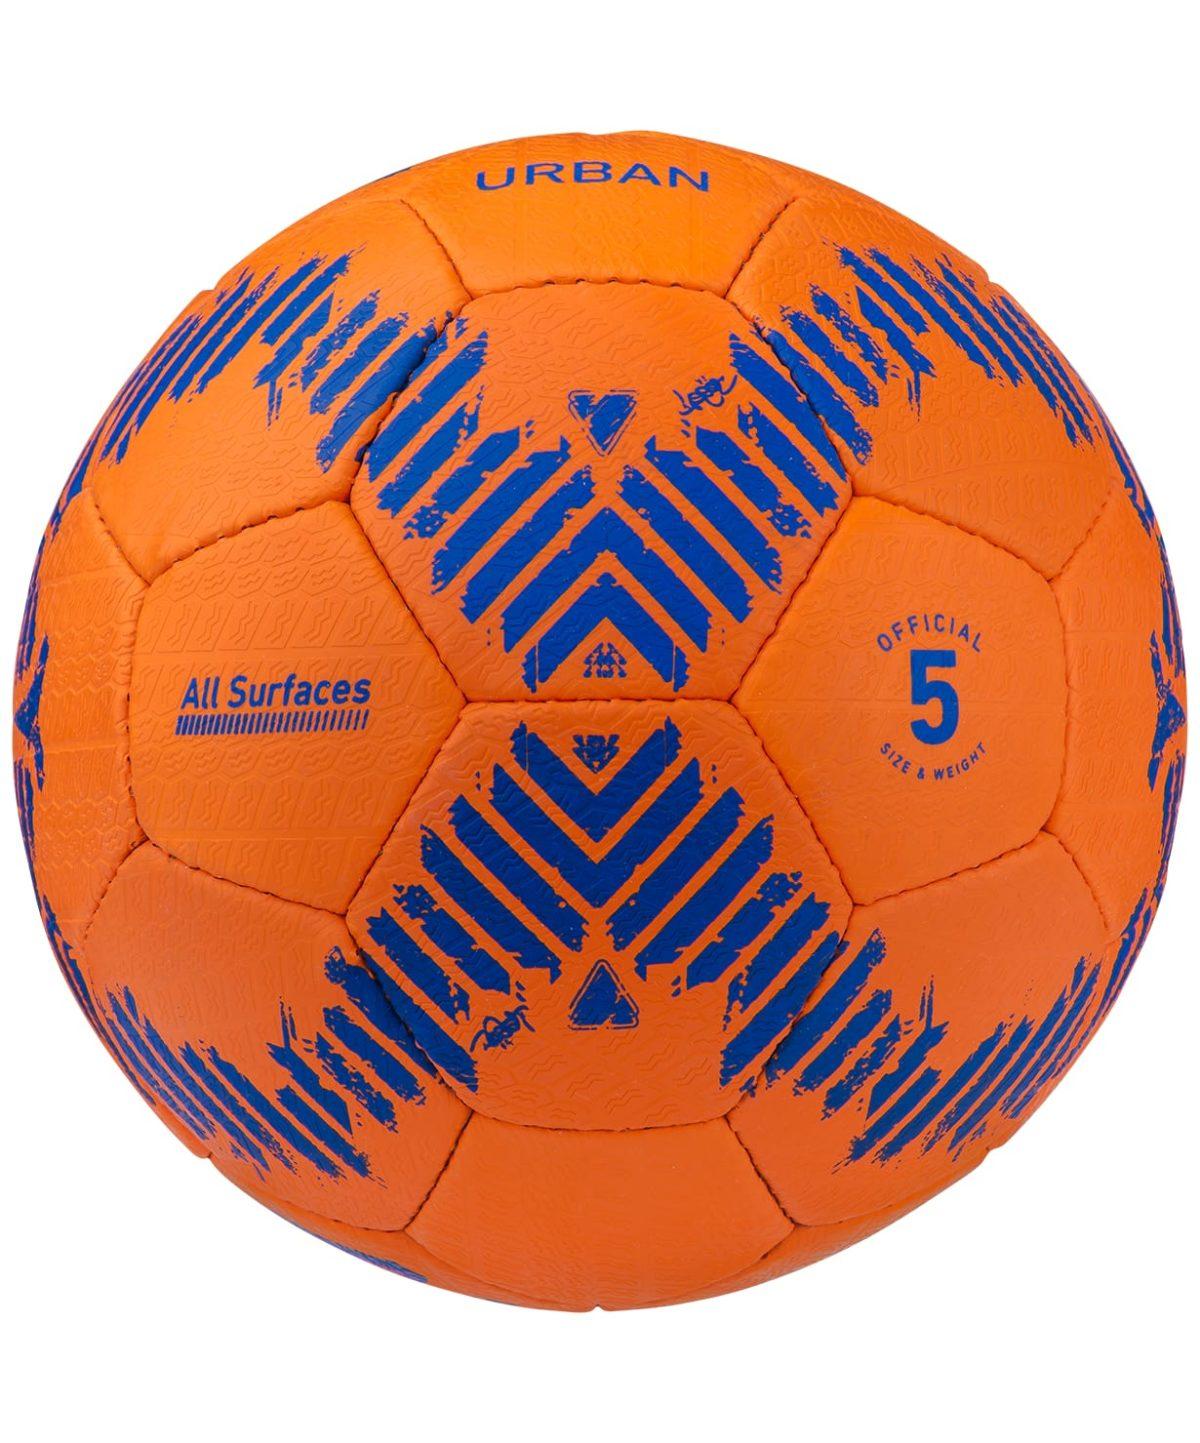 JOGEL Urban Мяч футбольный  JS-1110 №5: оранжевый - 2